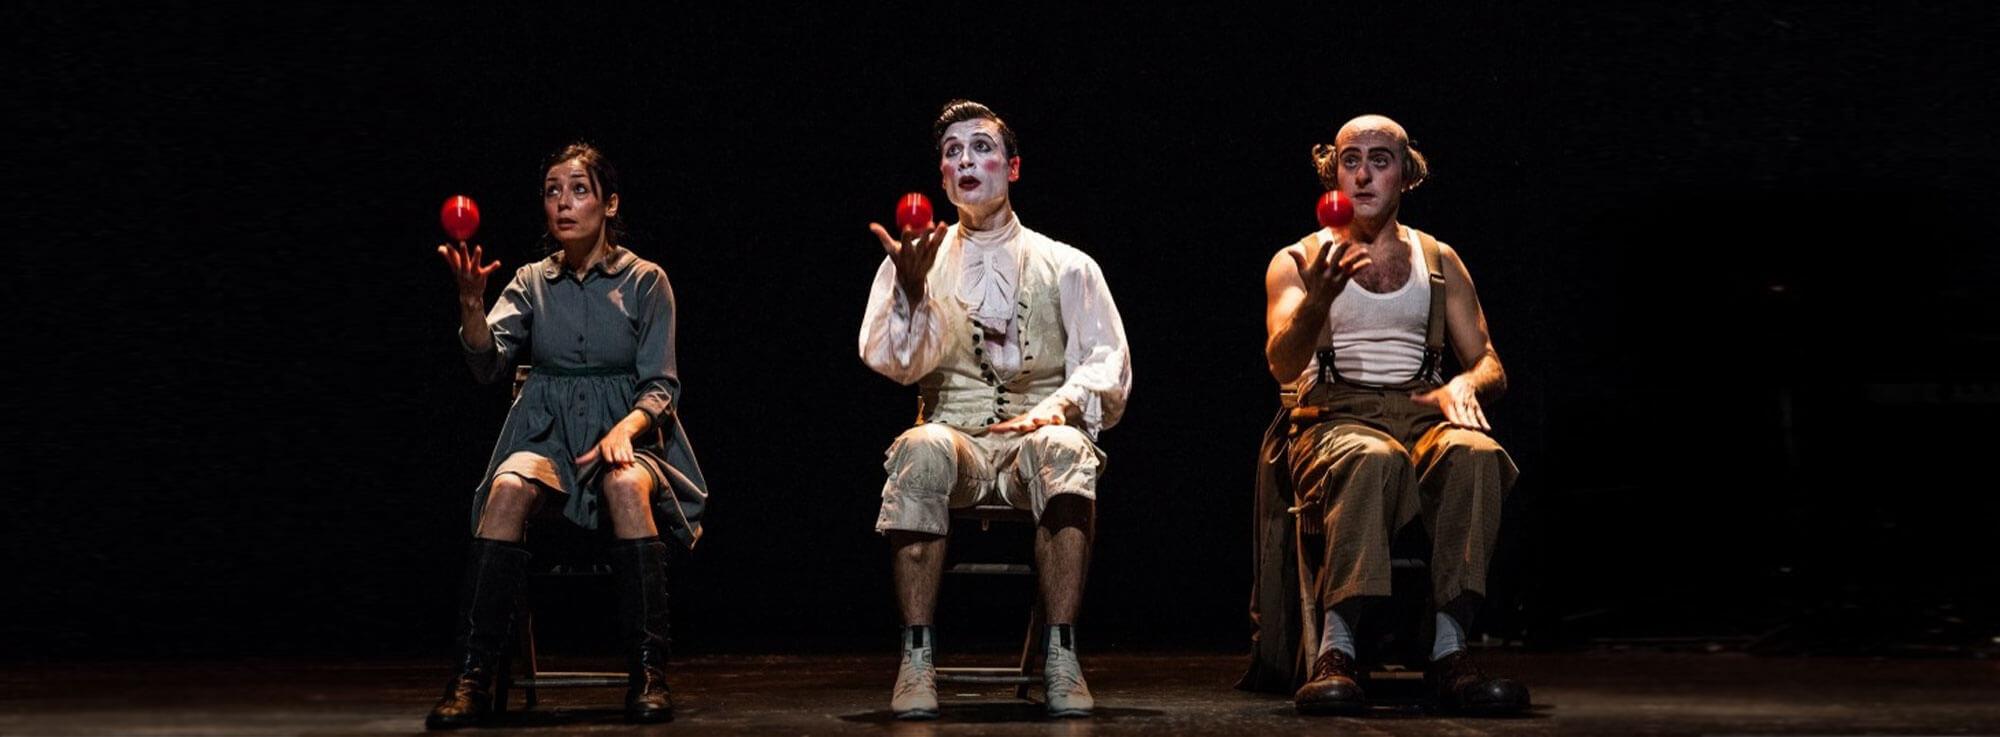 Fasano:  Johann Sebastian Circus